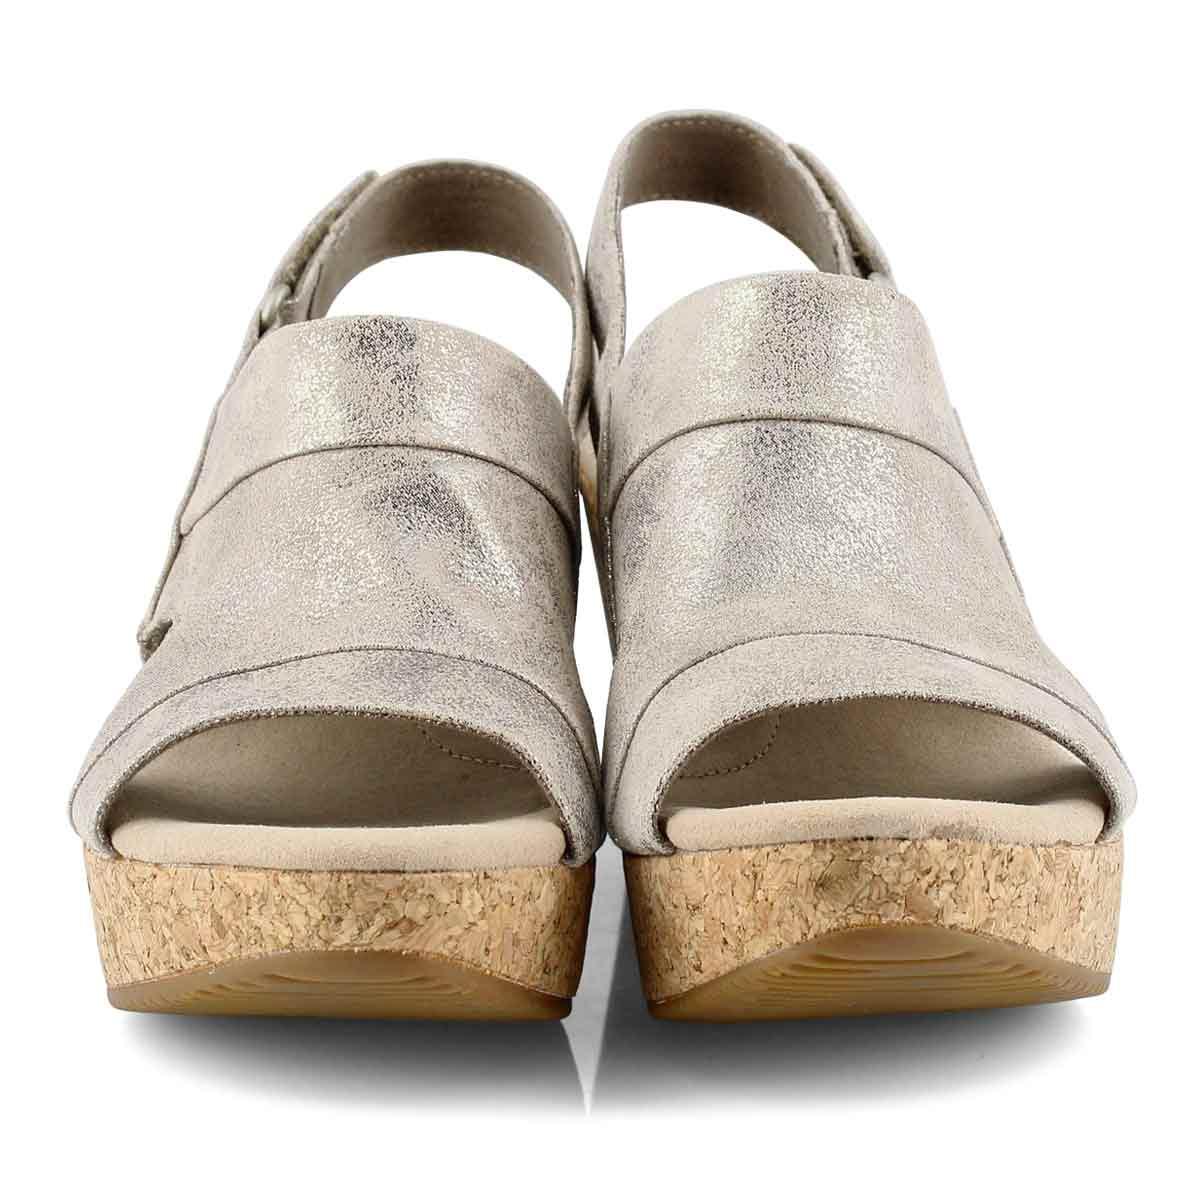 Women's Annadel Ivory Wedge Sandal - Pewter